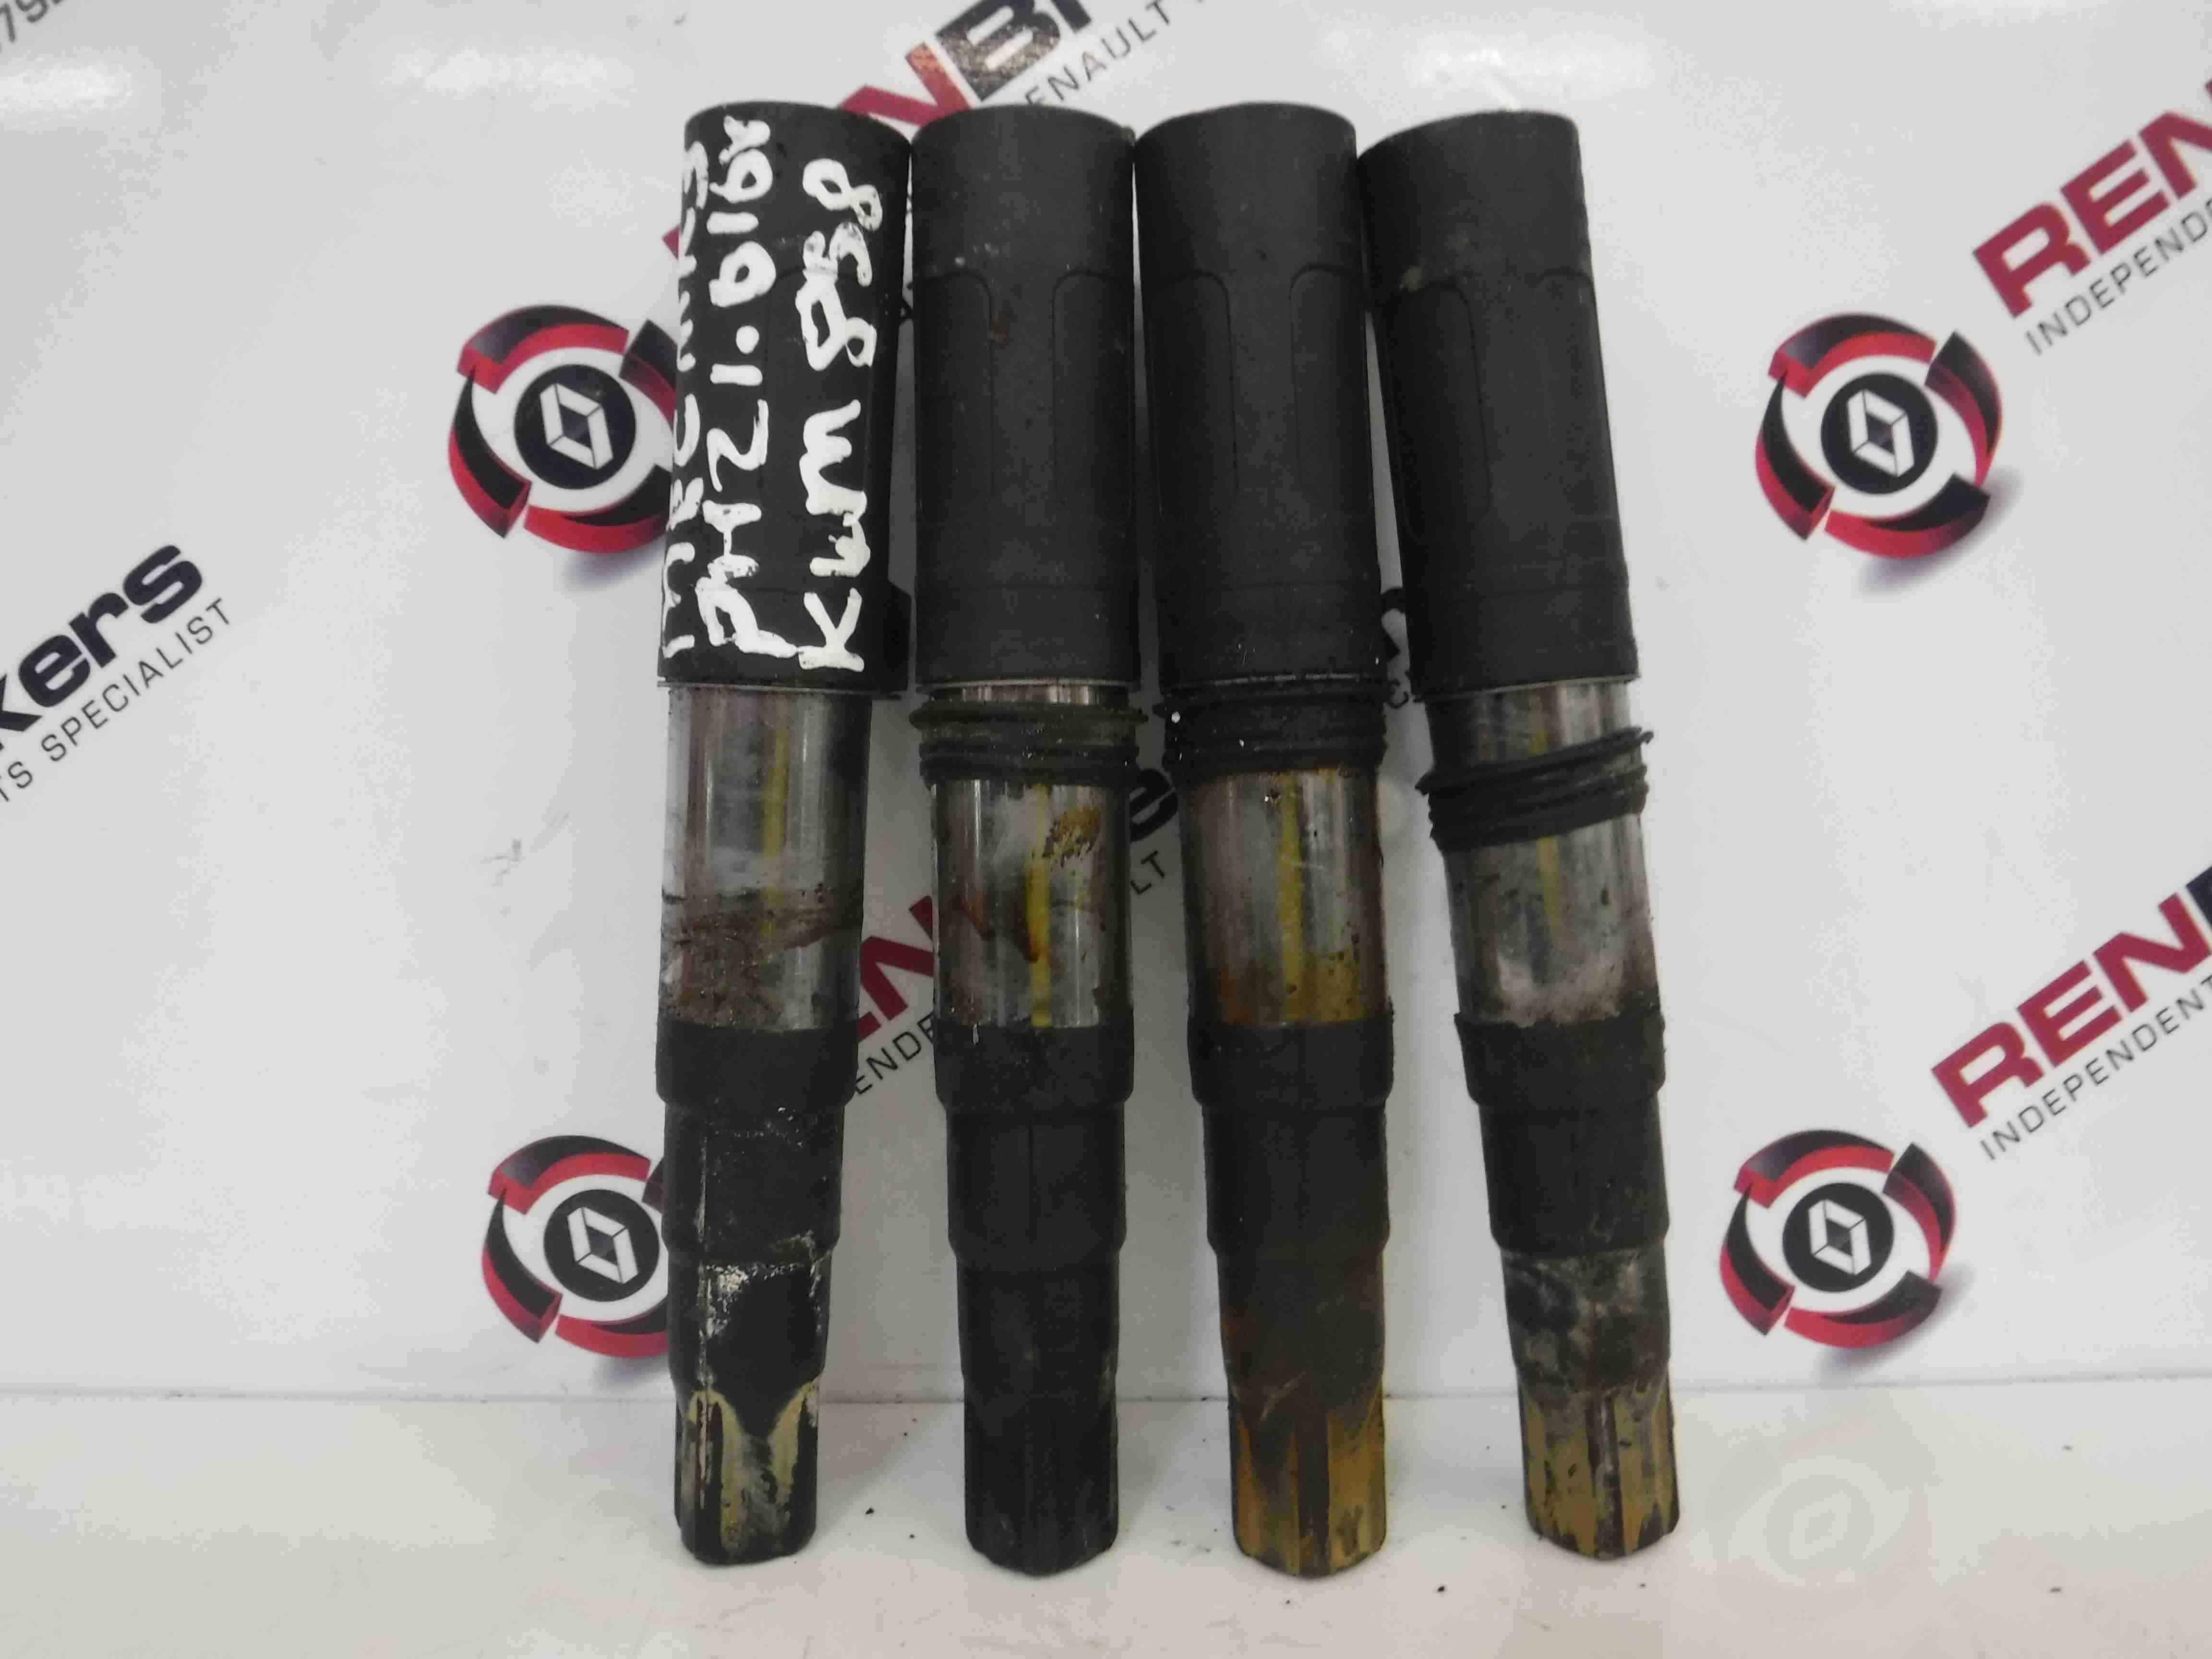 Renault Megane MK3 2008-2014 1.6 16v Ignition Coil Pack Pencils X4 Set